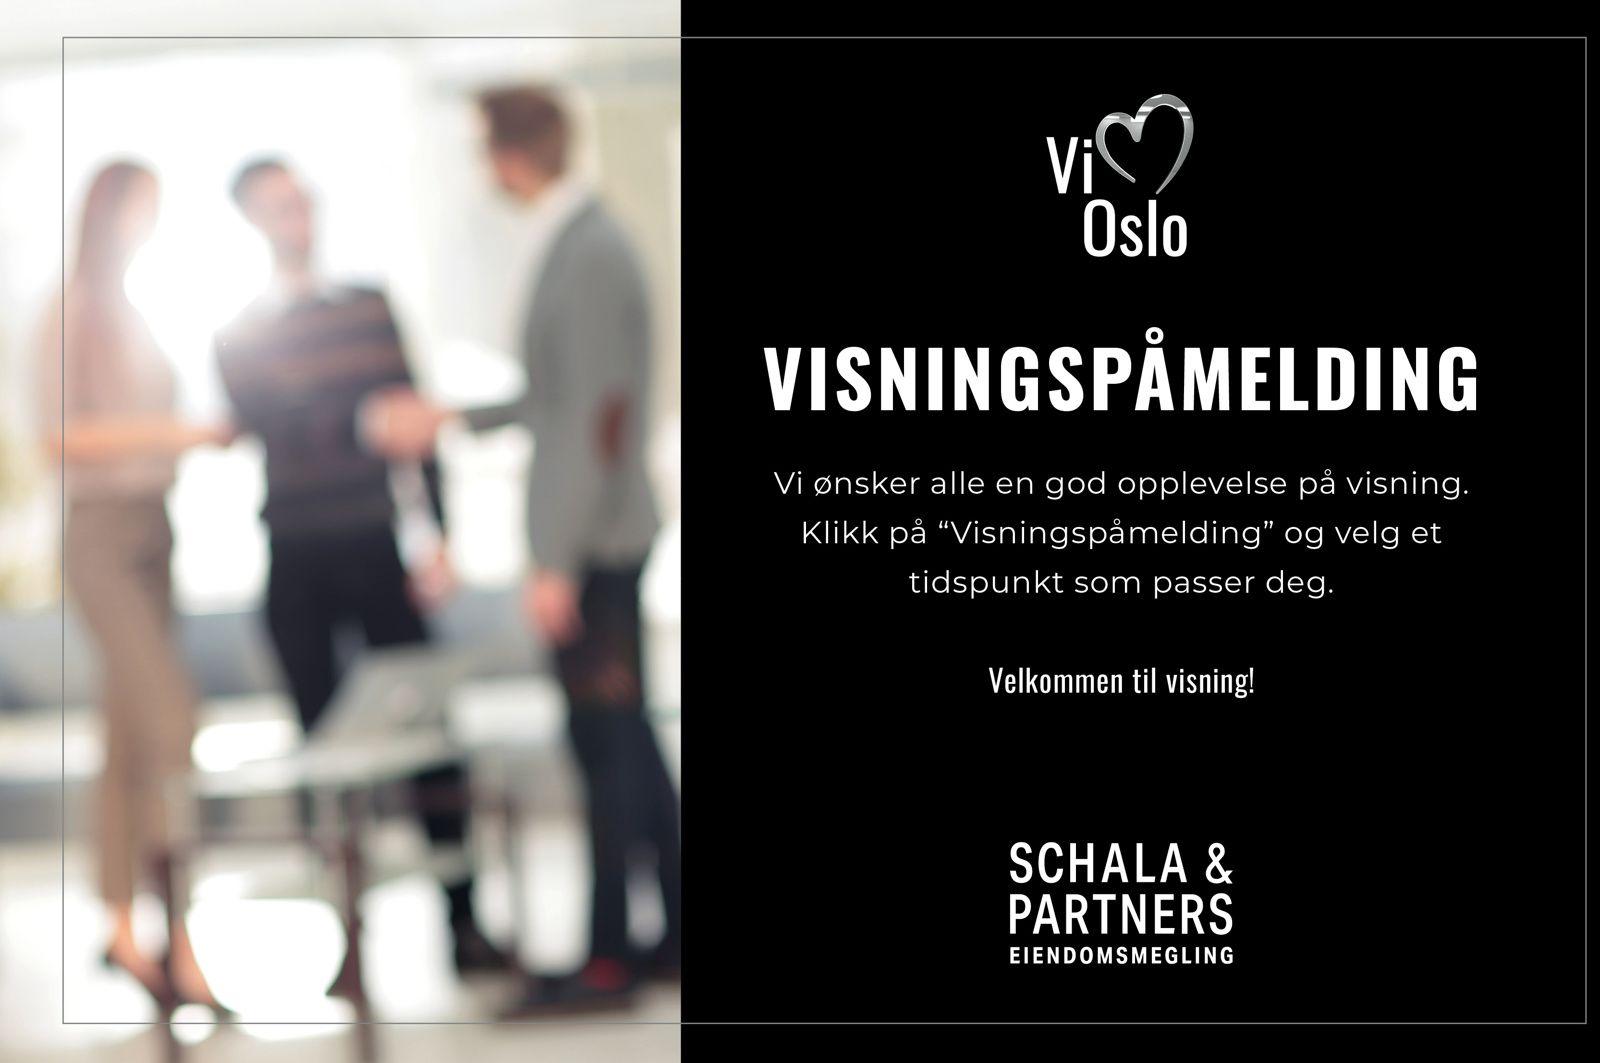 Ålesundgata 3 B Husk og meld deg på visning i god tid før visningene! Klikk på knappen Visningspåmelding for å booke tid.